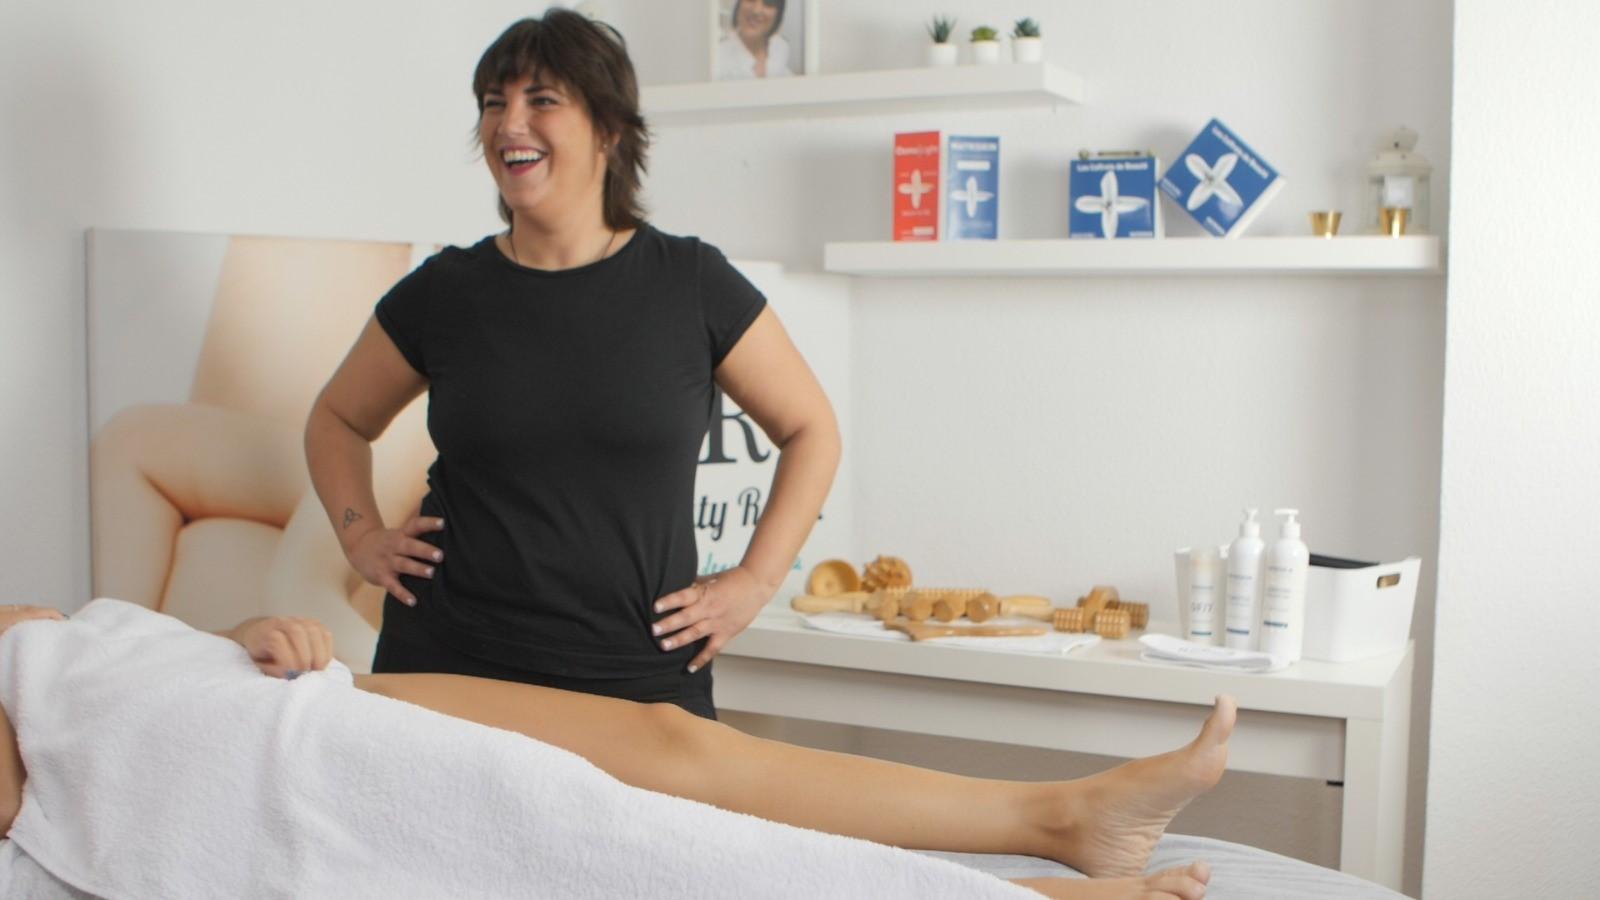 tratamientos corporales clinica medico estetica madrid